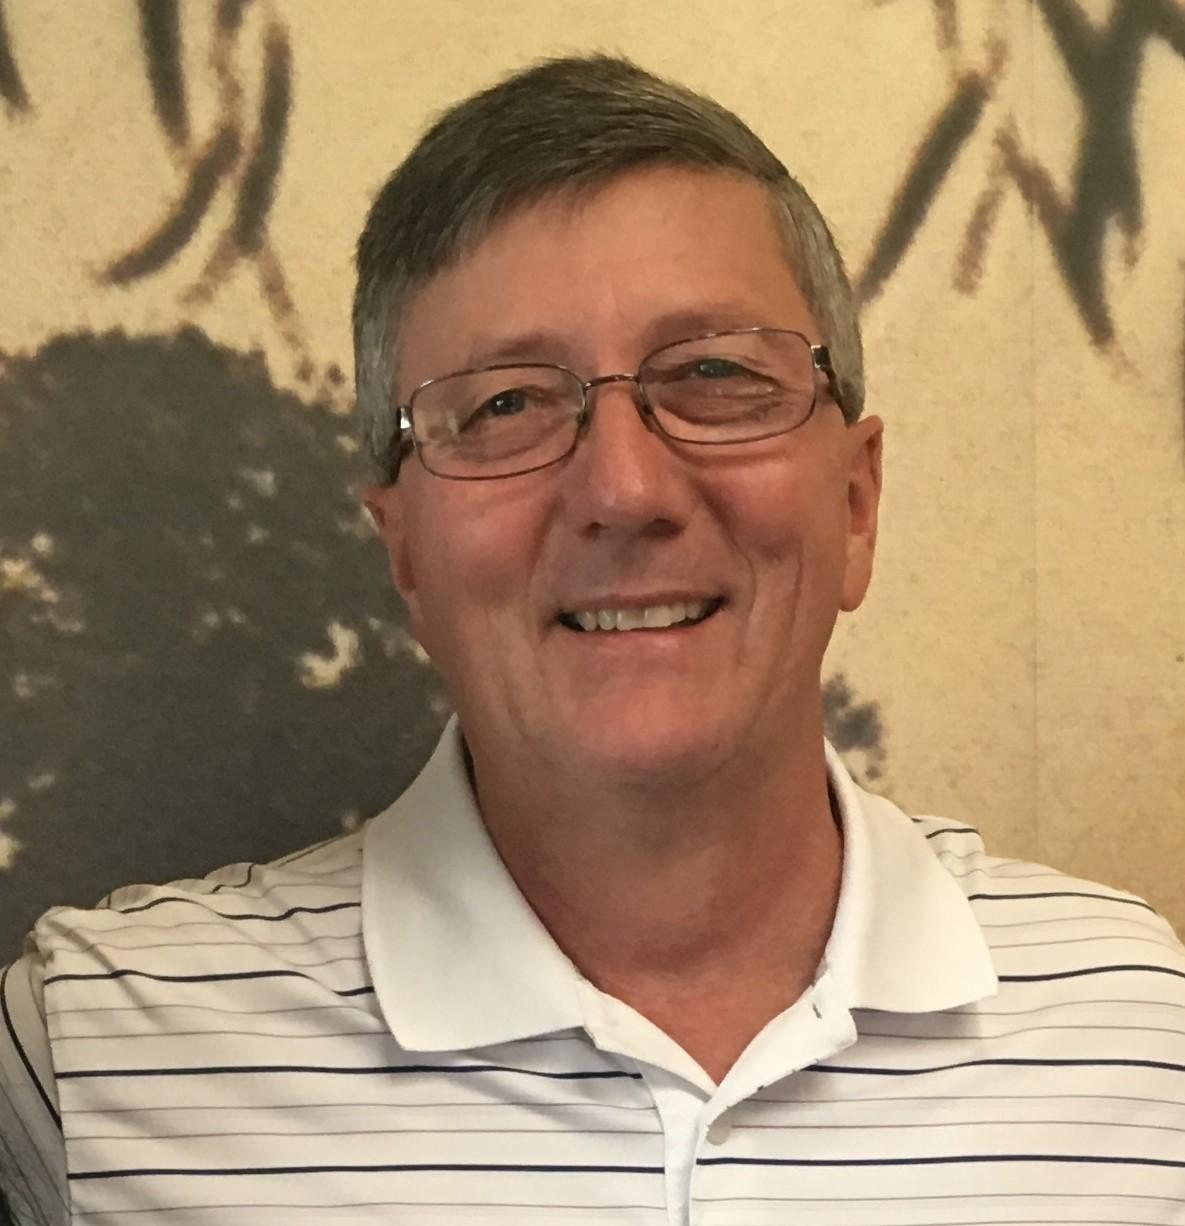 Brian Pelepchan